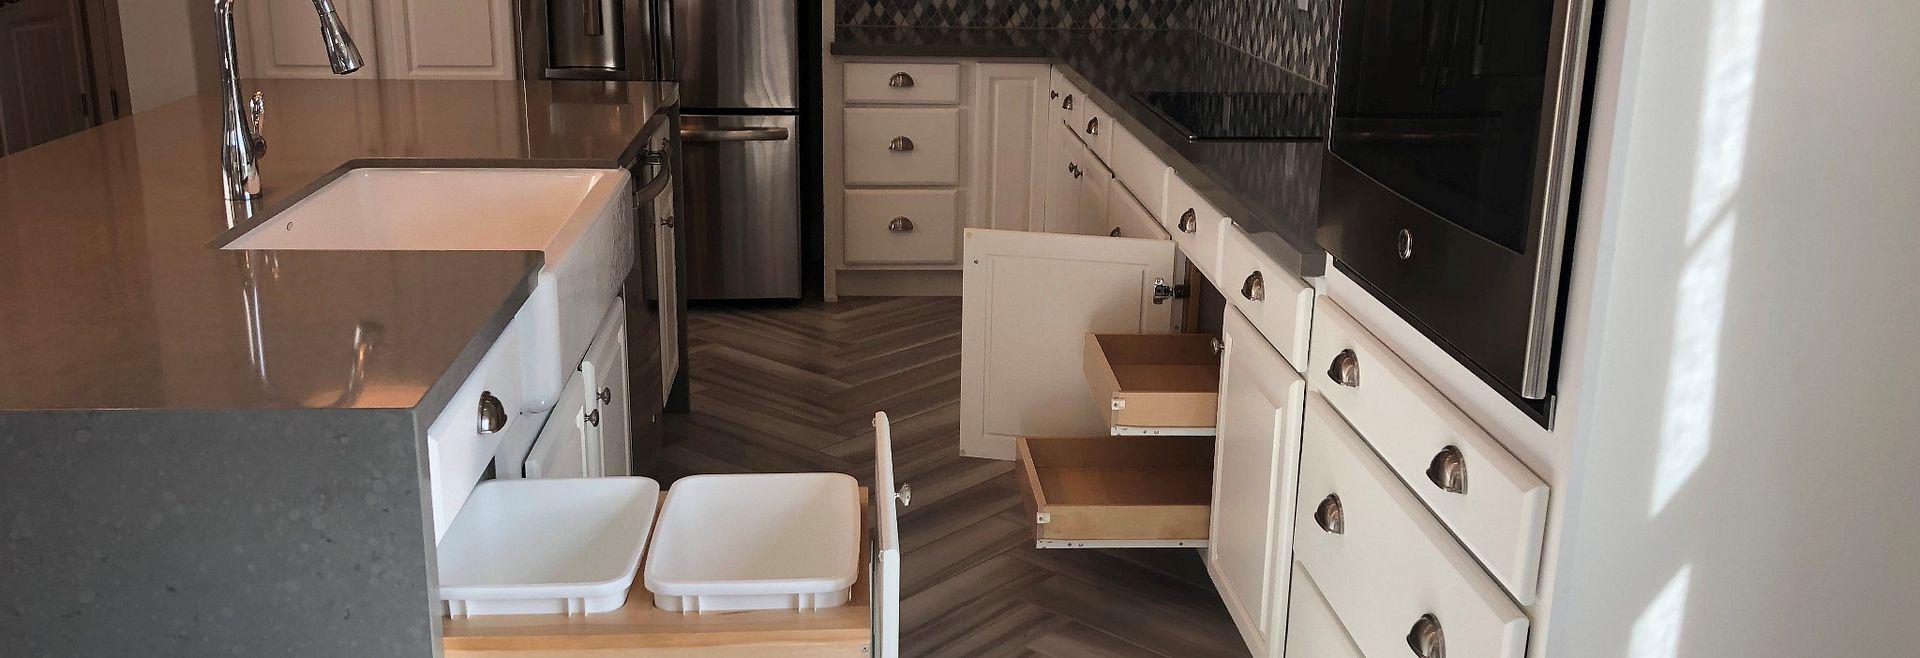 24 North Homesite 20 Kitchen Details